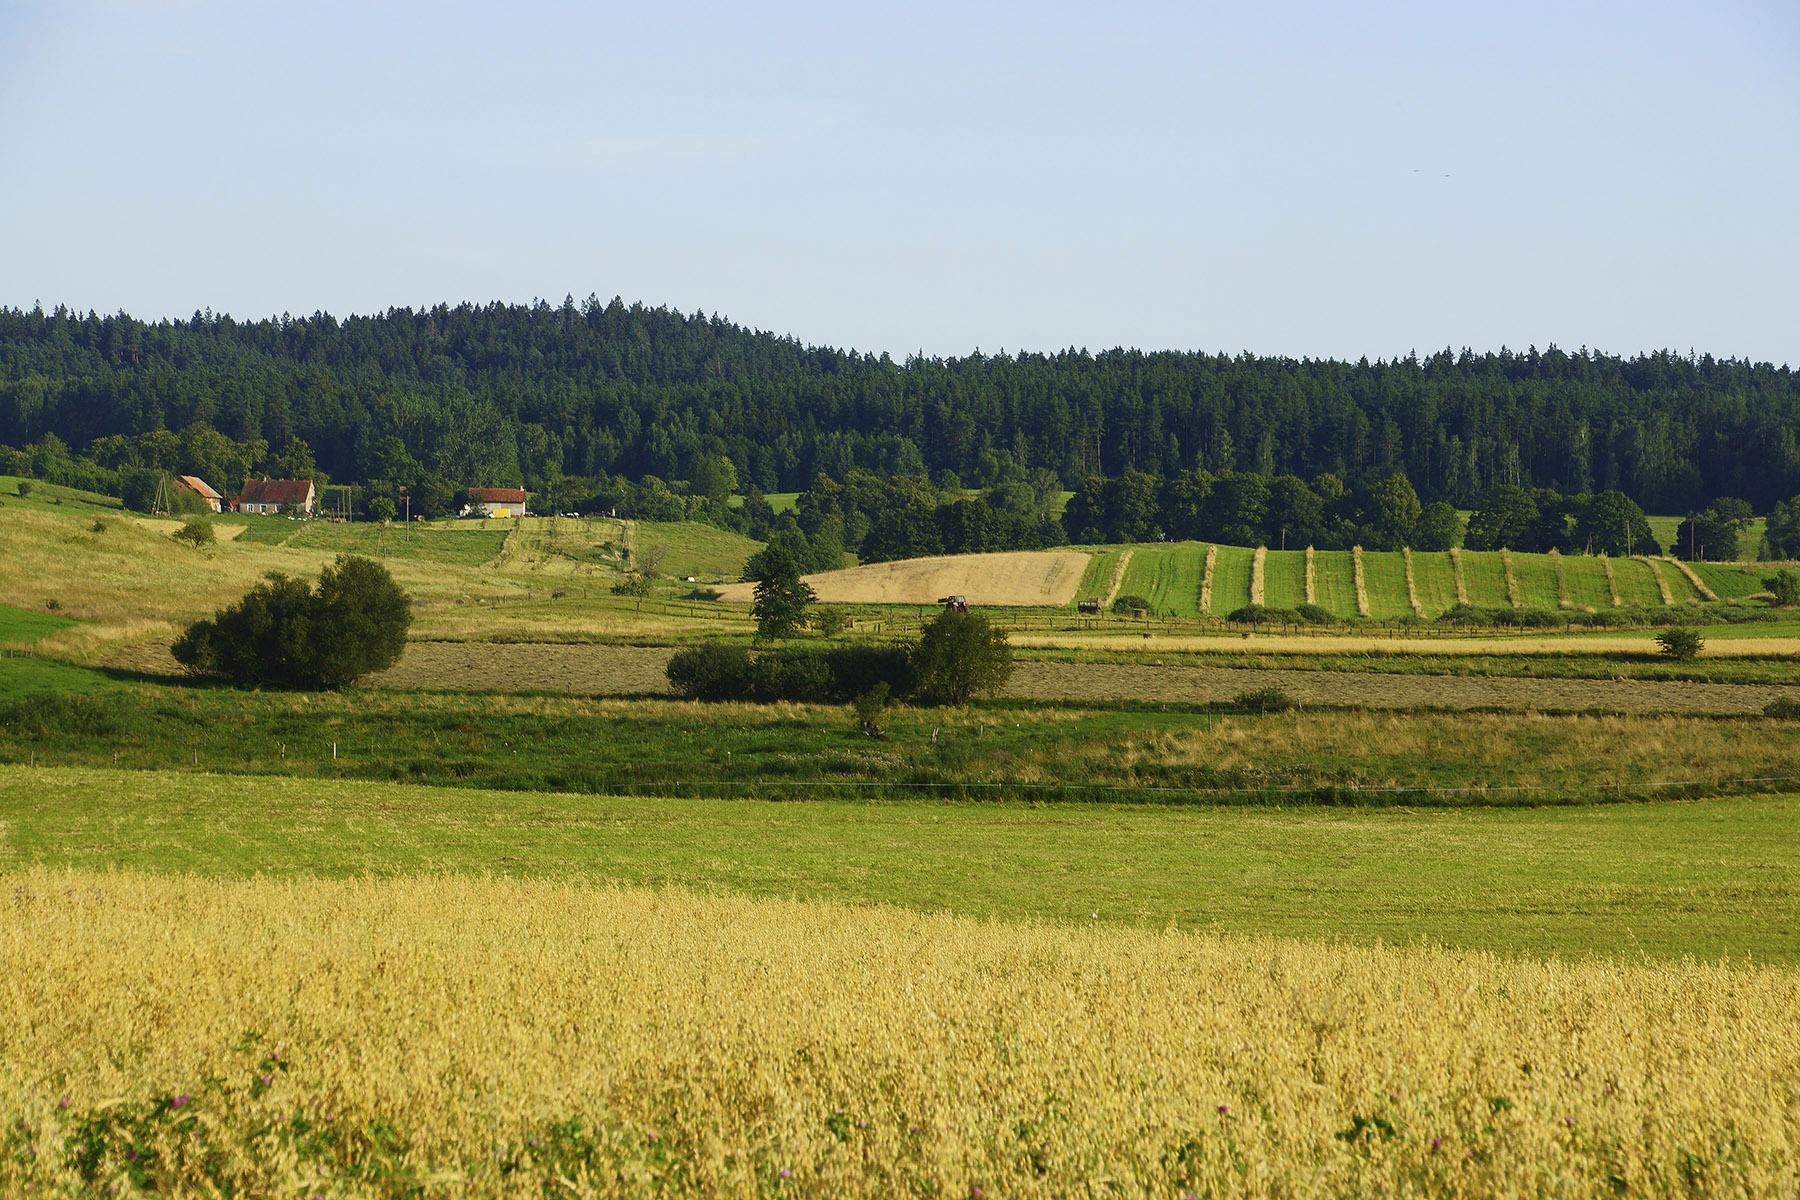 Widok na Wzgórza Piłackie z pagórków na zachód od Piłaków Małych